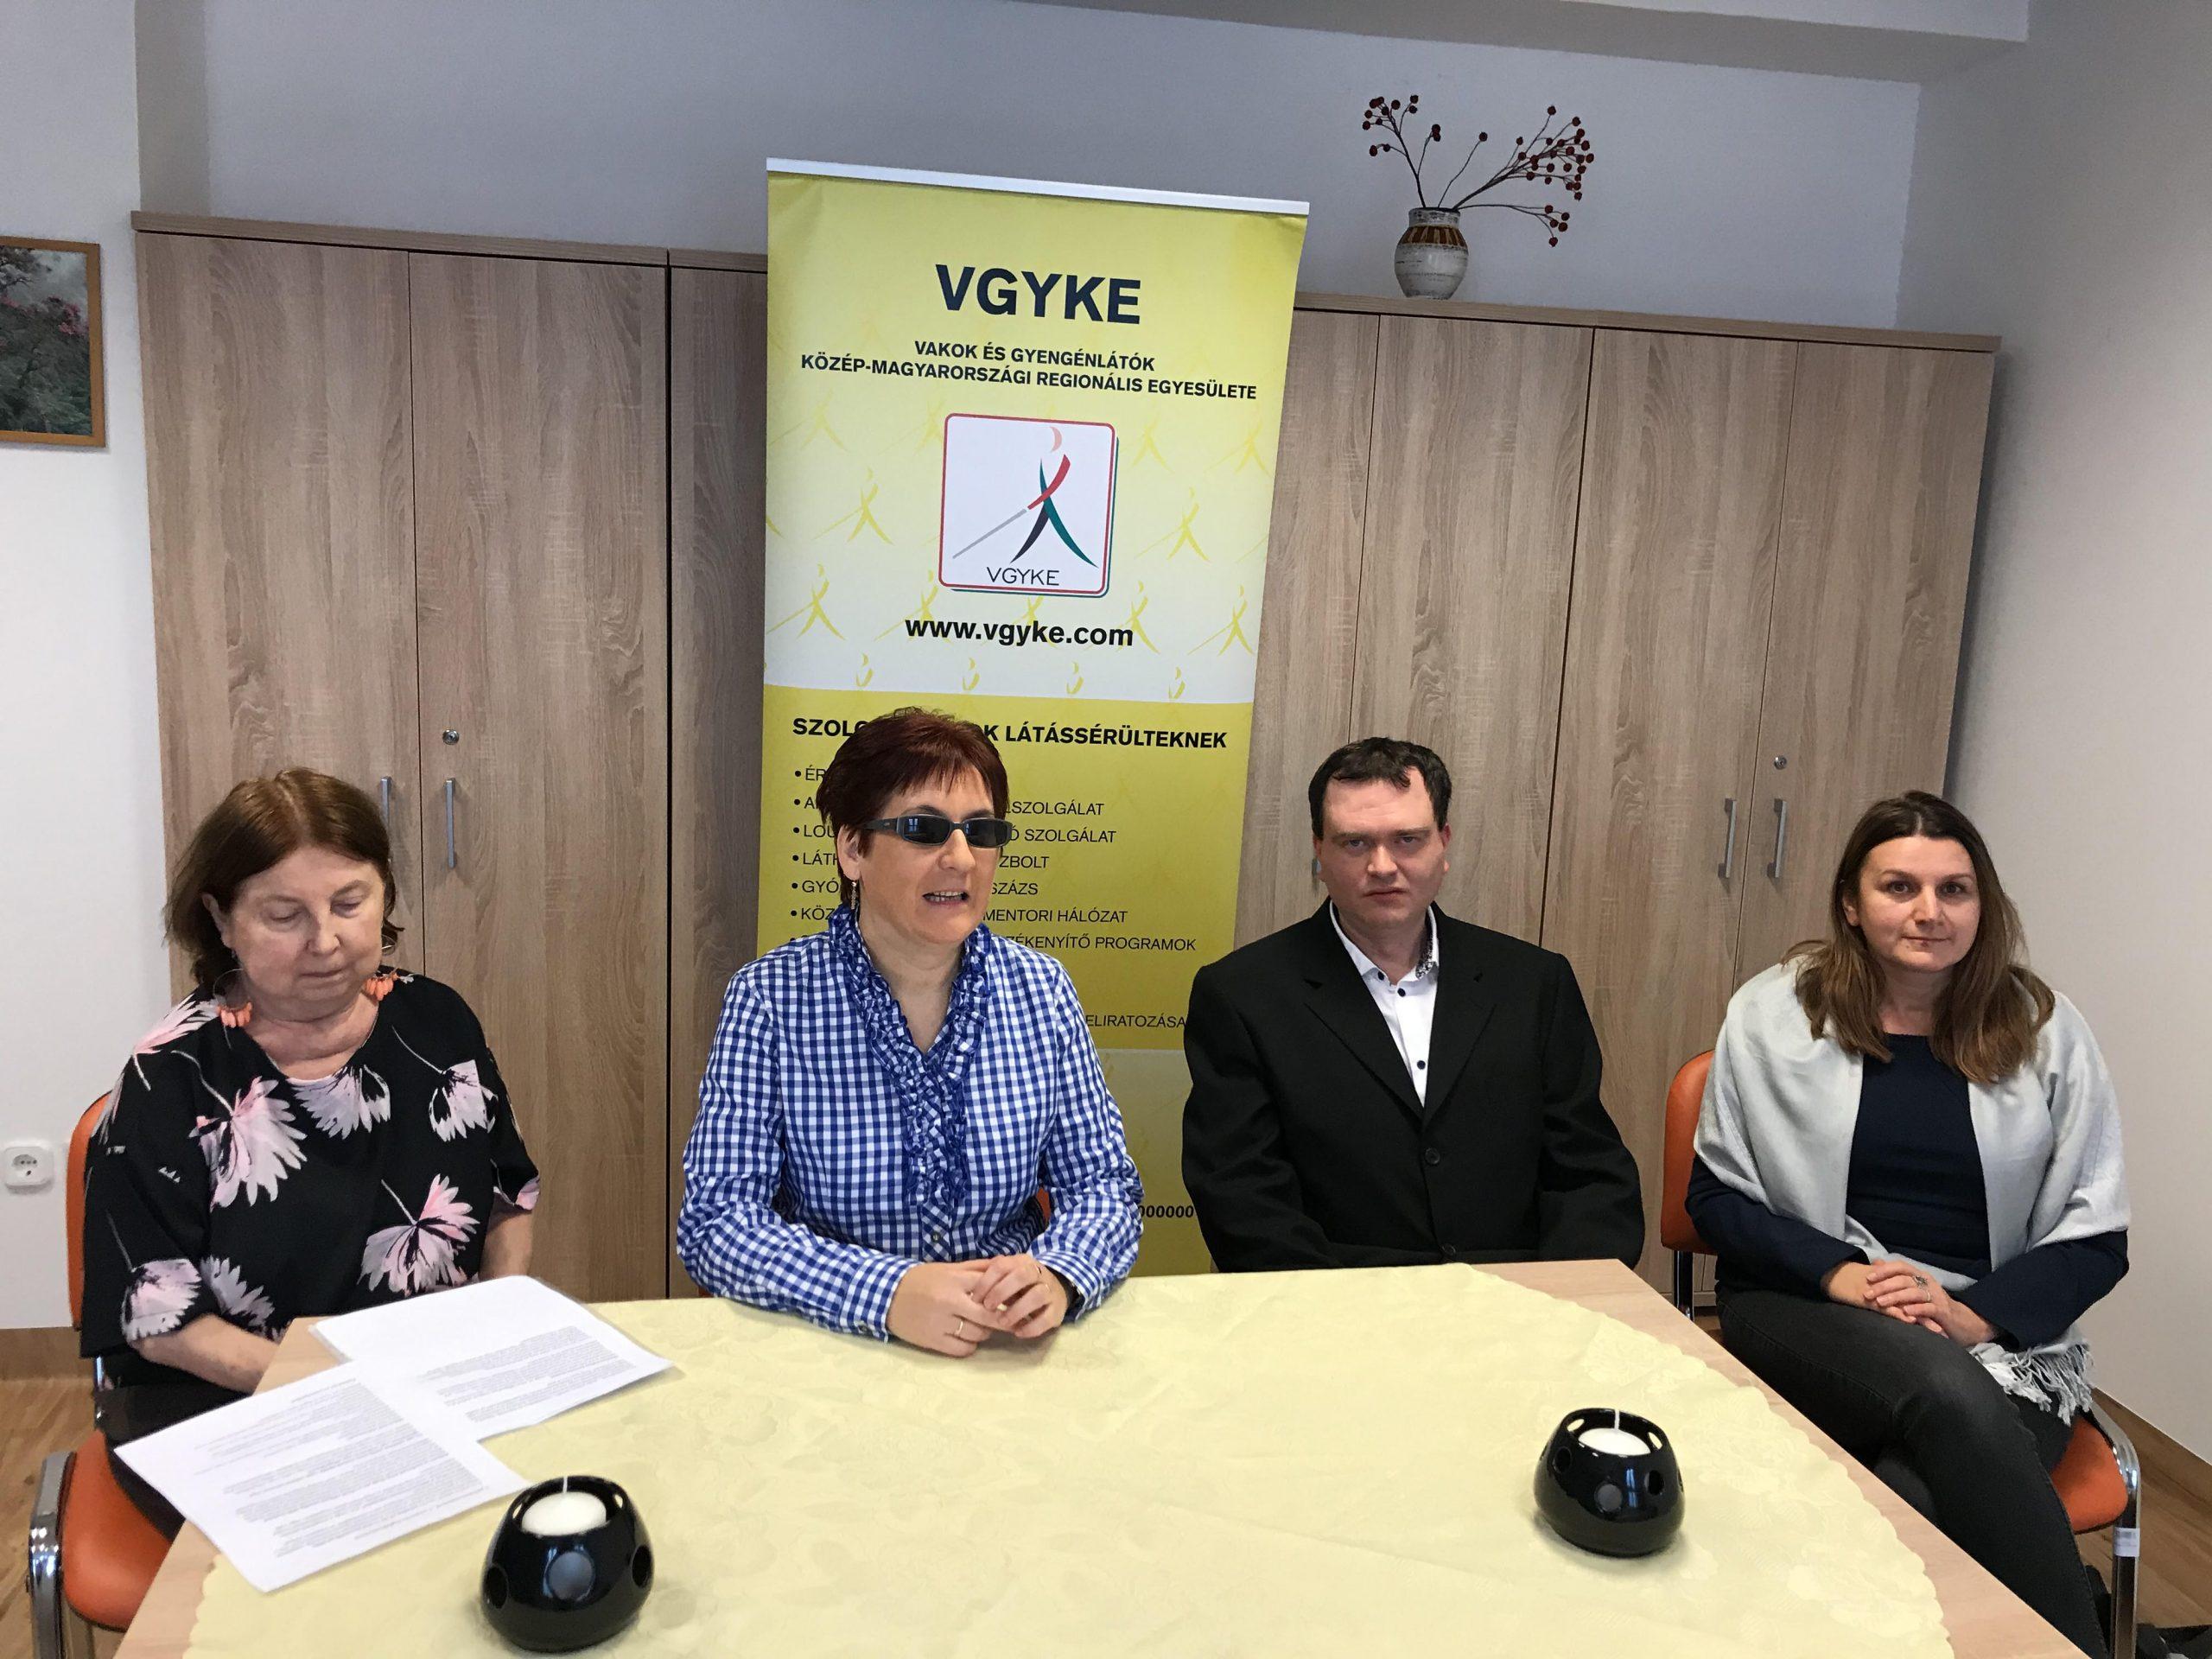 A projektnyitó négy résztvevője látható a képen.